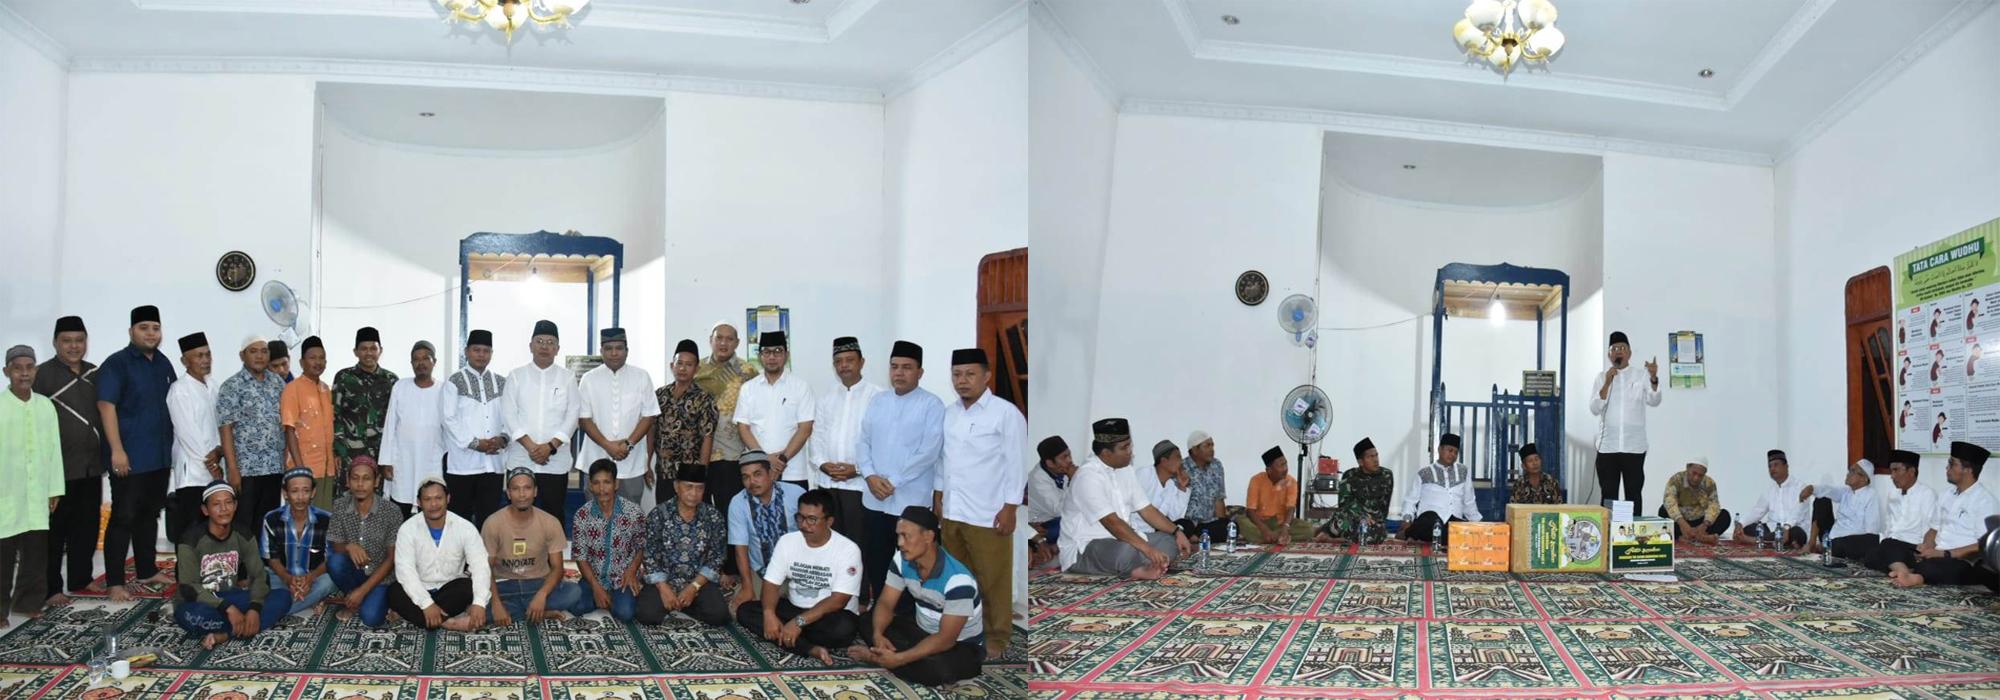 Kadis Kominfo Turut Dampingi Bupati Sergai Safari Ramadhan di Kecamatan Silinda